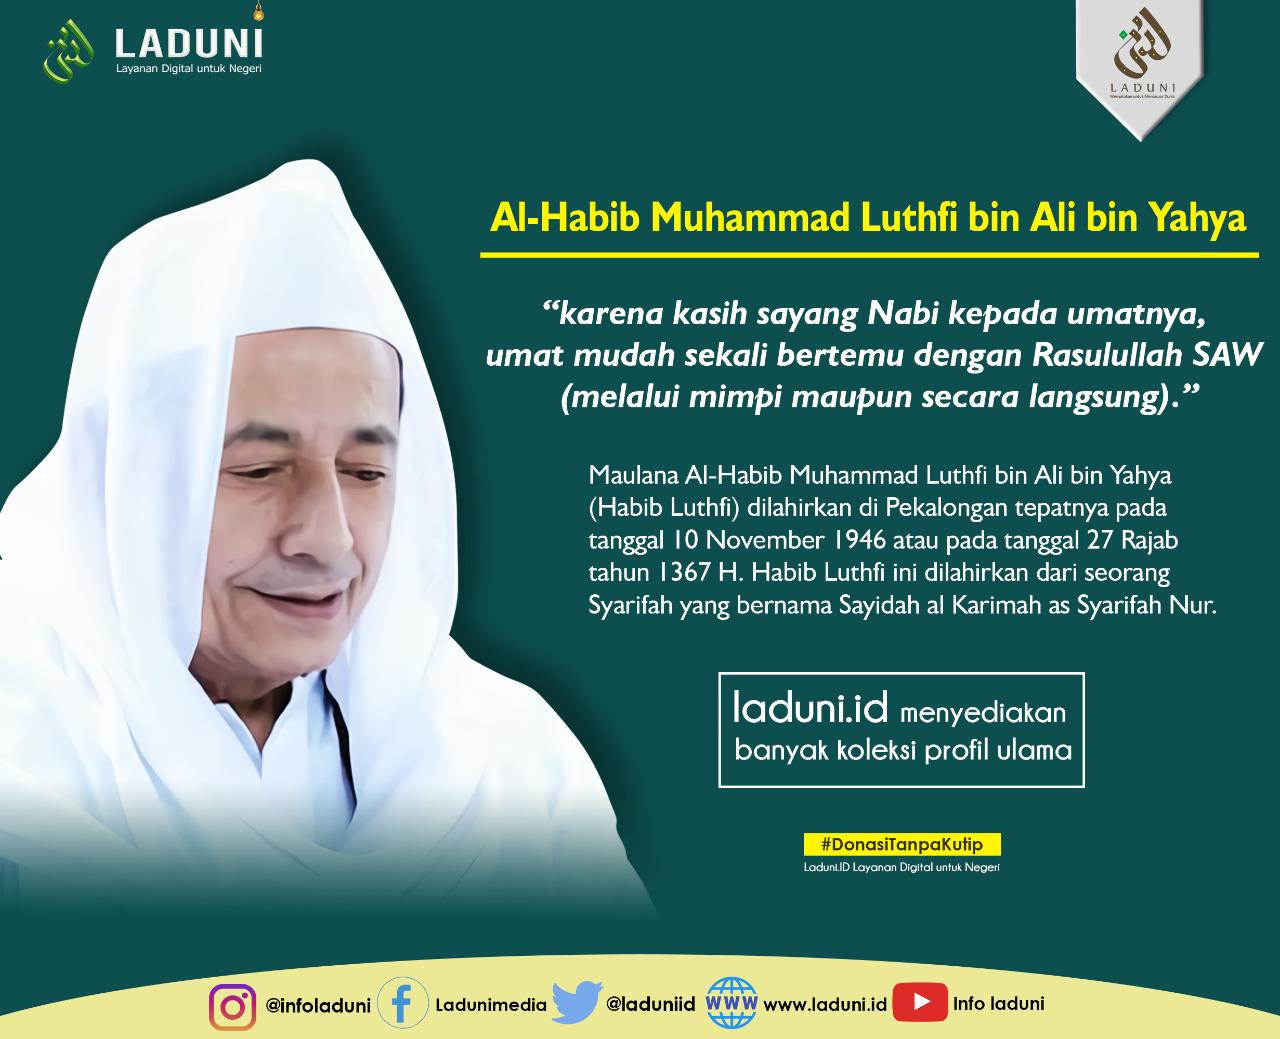 Biografi Maulana Habib Luthfi bin Yahya Pekalongan